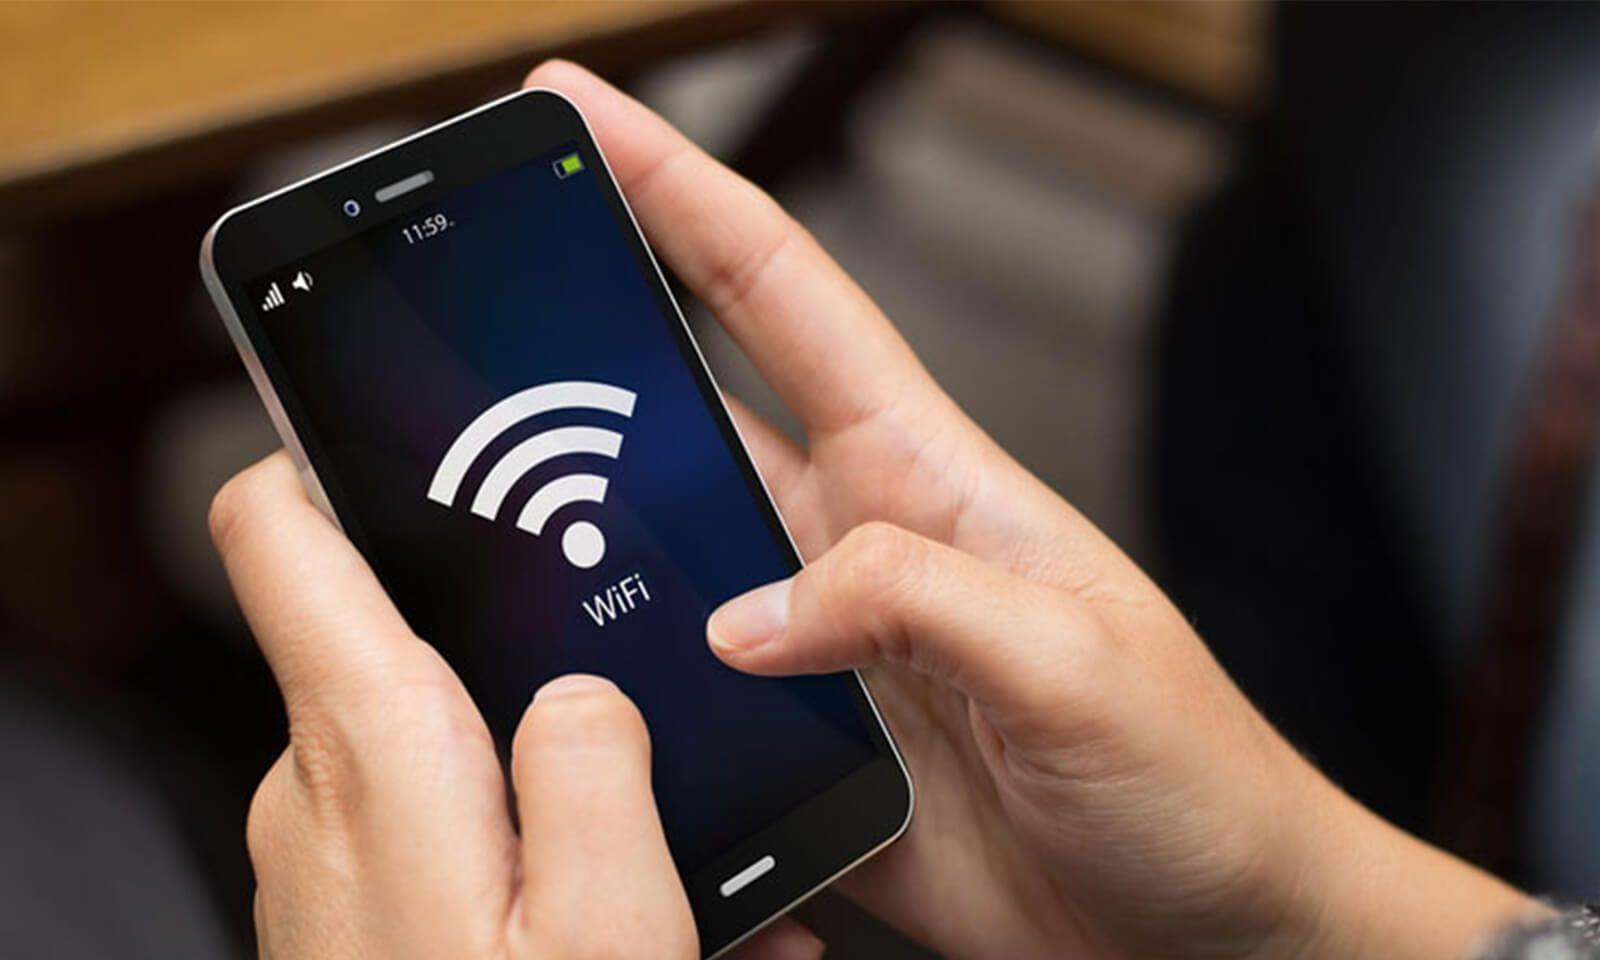 Android Oreo 8 1 İle Beraber Yeni Bir Wifi özelliği Geliyor Haberler Indir Com Android Teknoloji Haberleri Teknoloji